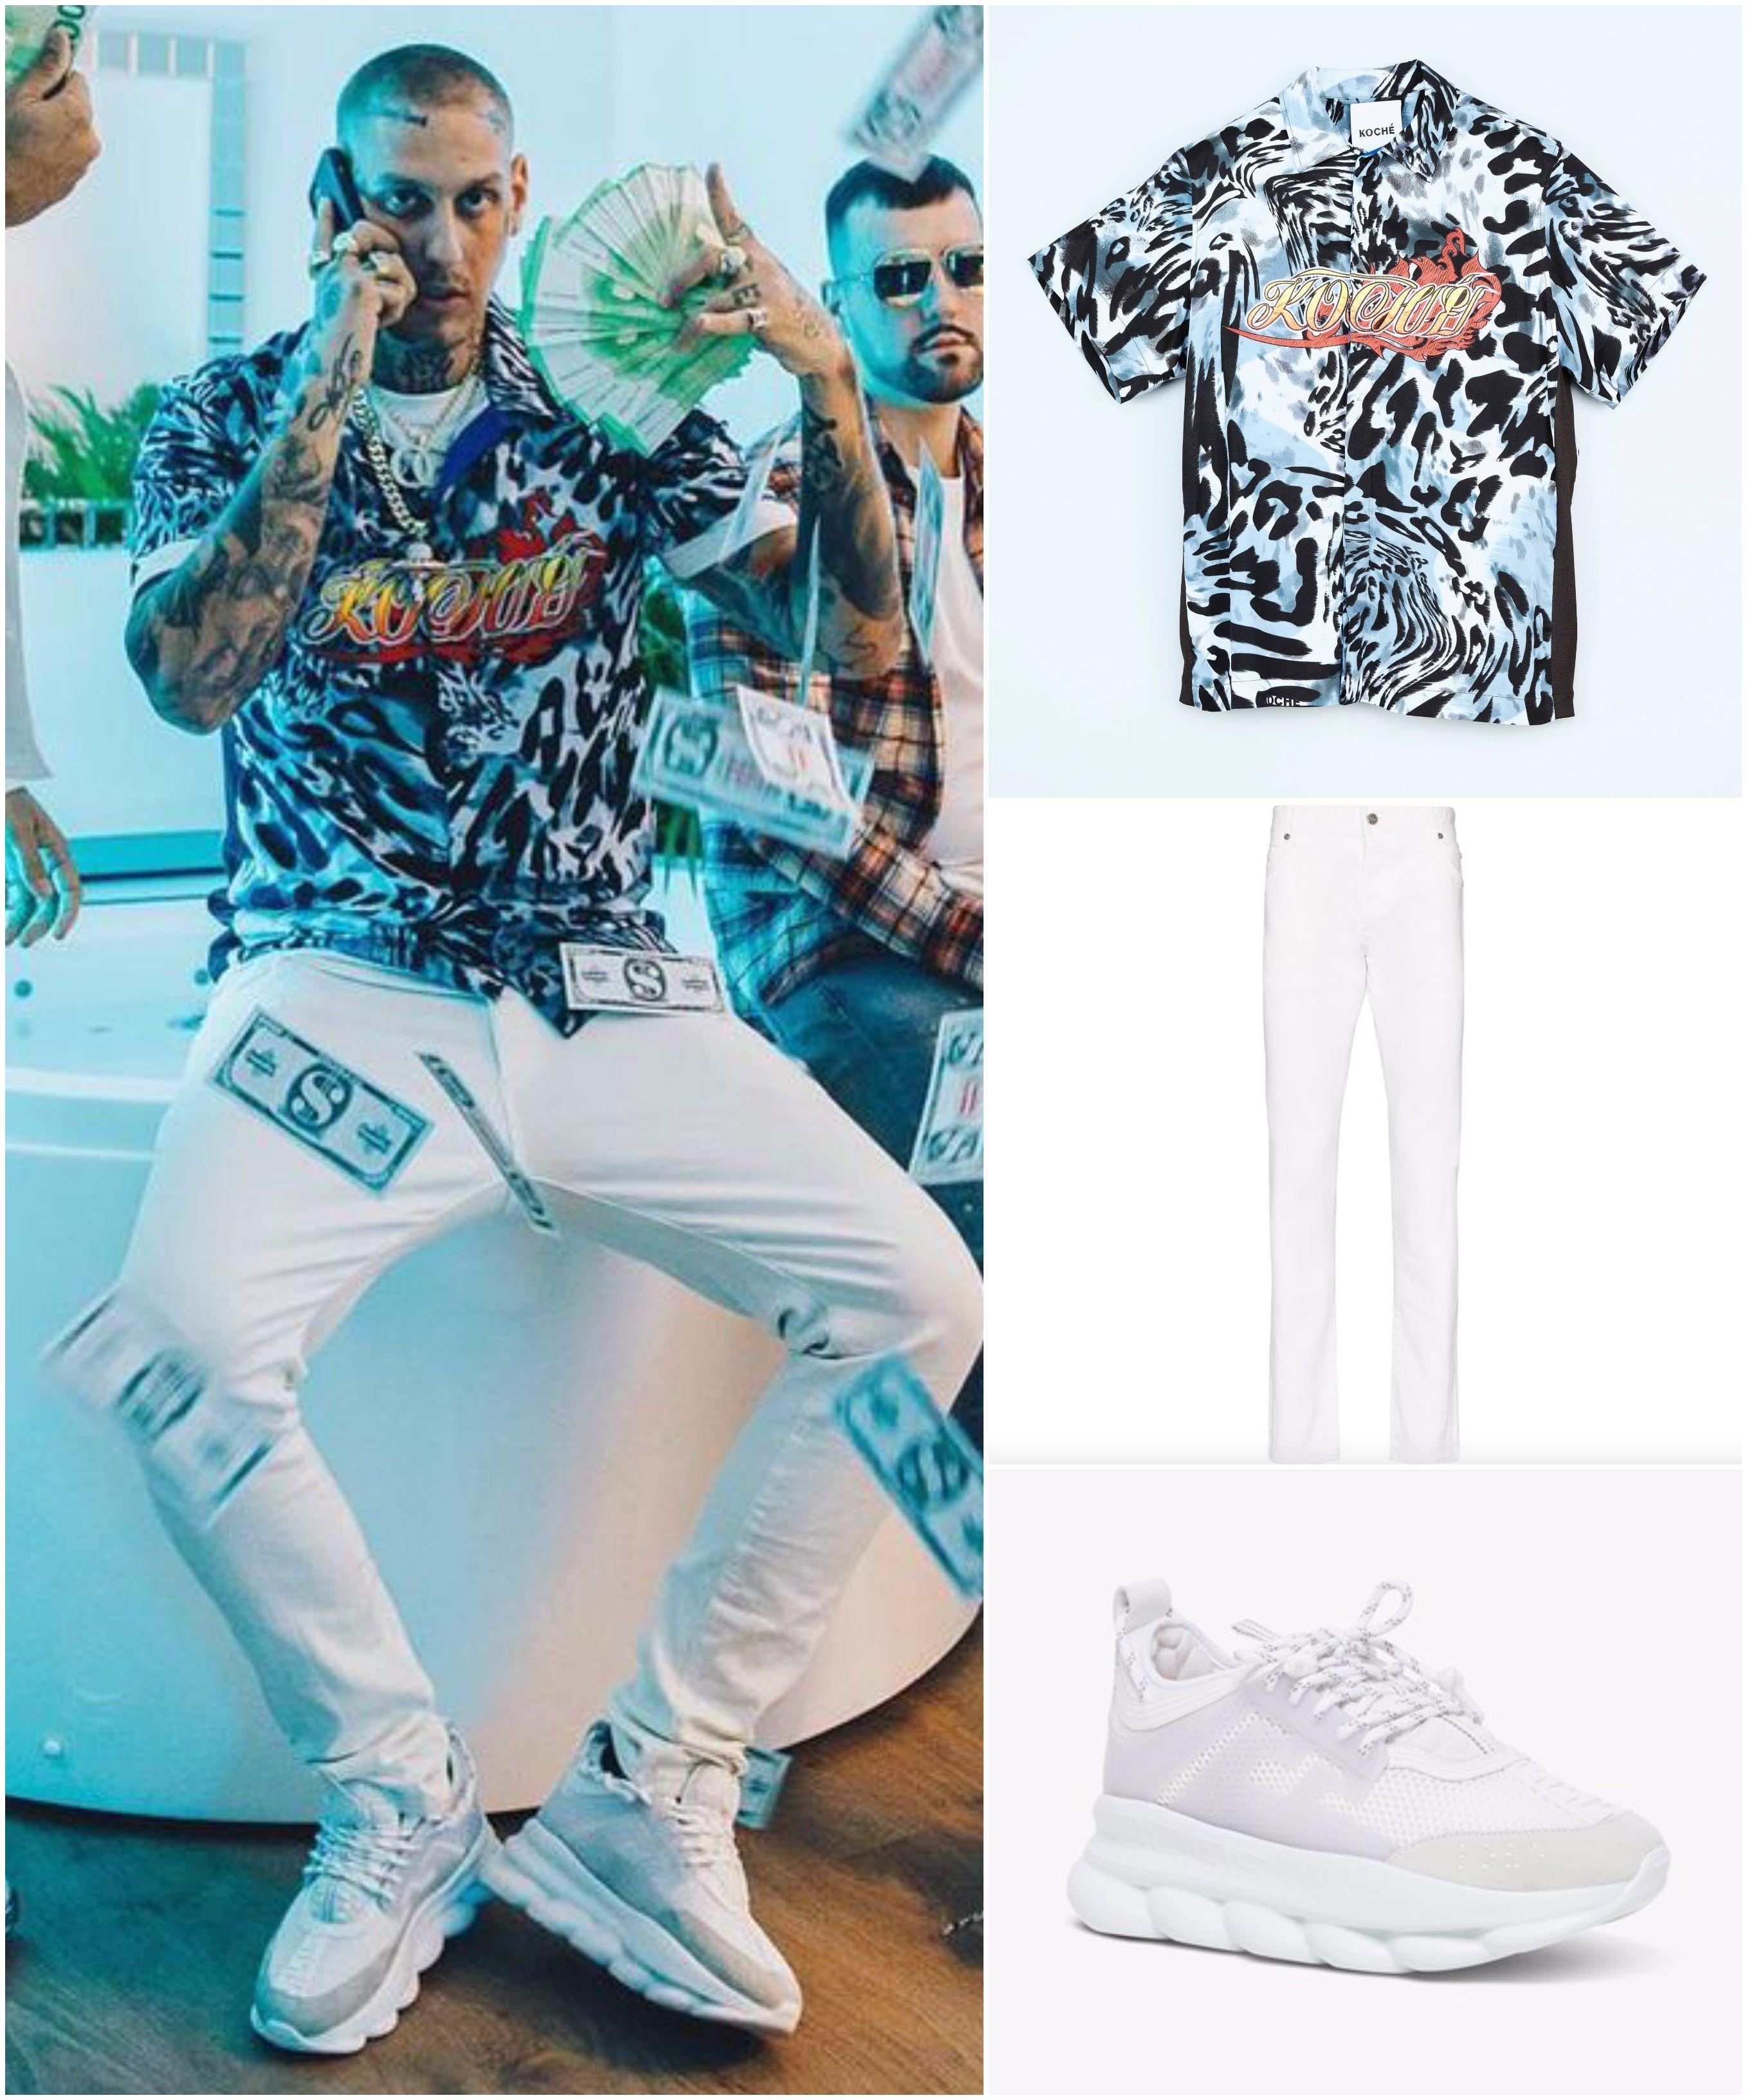 Koľko stoja outfity vo videoklipoch slovenských raperov? Separ, Ego či Dalyb sa ukazujú s kúskami za tisícky eur